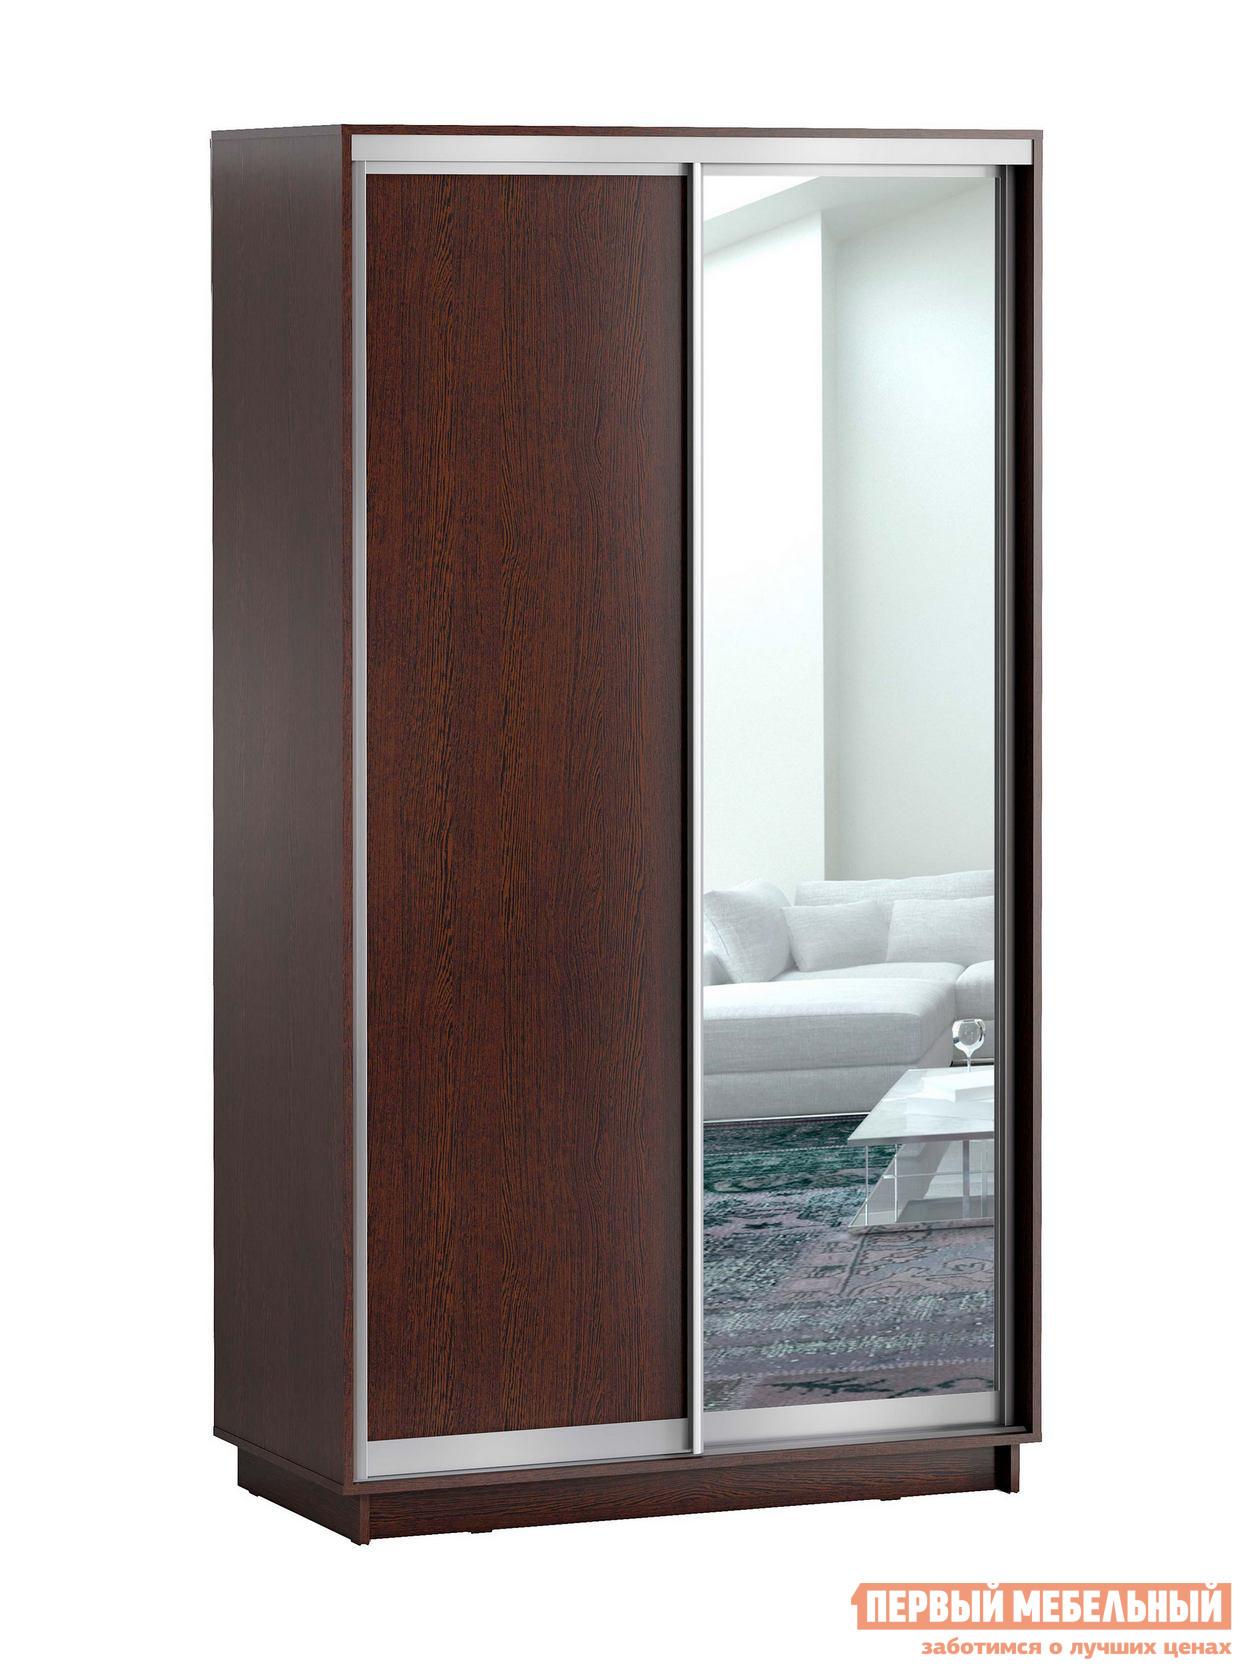 Шкаф-купе Первый Мебельный Шкаф купе Лео 2-х дверный с одним зеркалом шкаф распашной первый мебельный шкаф 2 х дверный с зеркалом венето